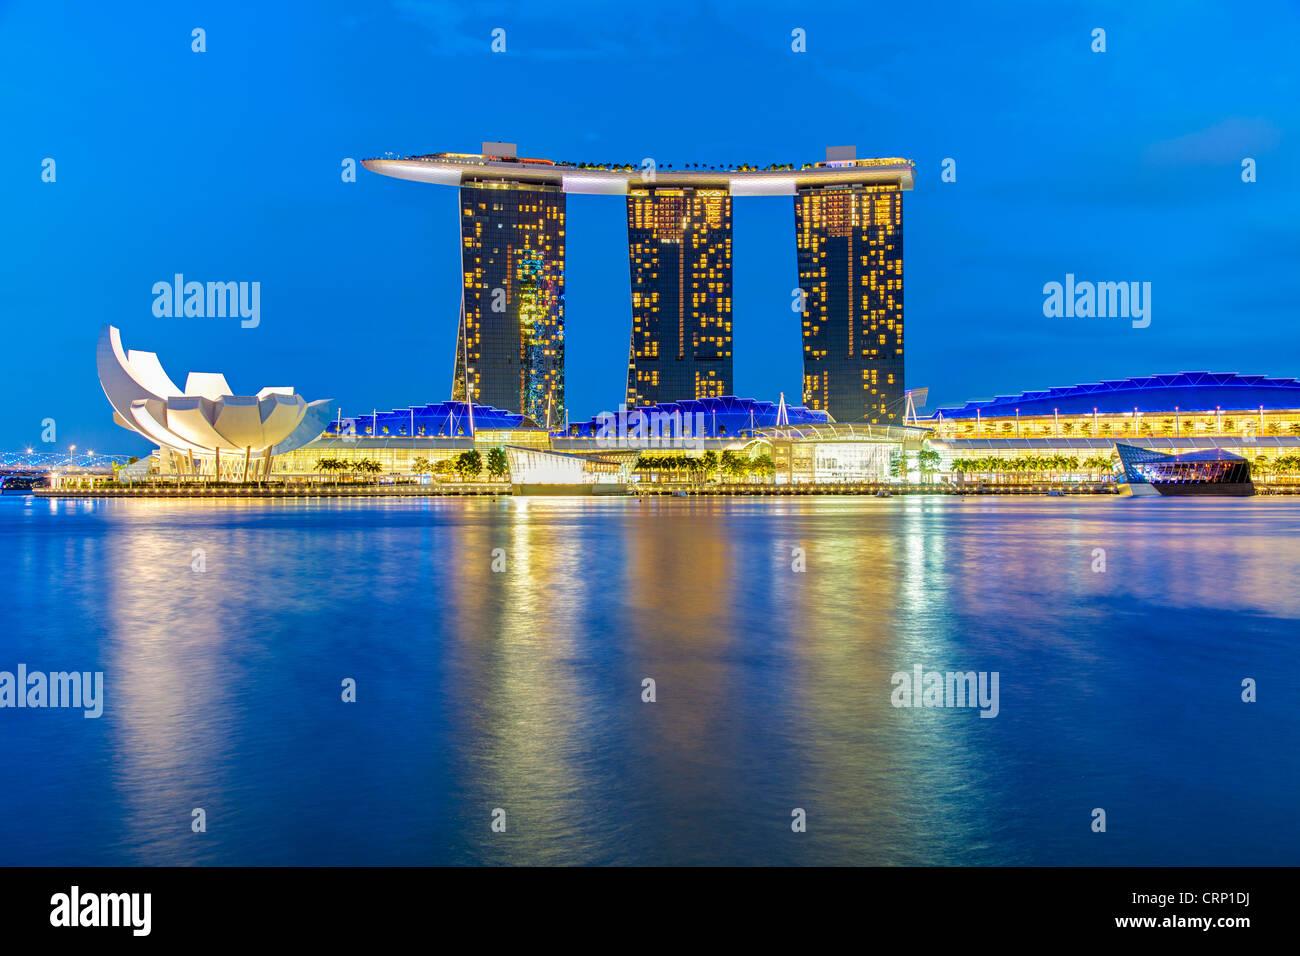 Marina Bay Sands, Marina Bay, à Singapour, en Asie du sud-est Photo Stock